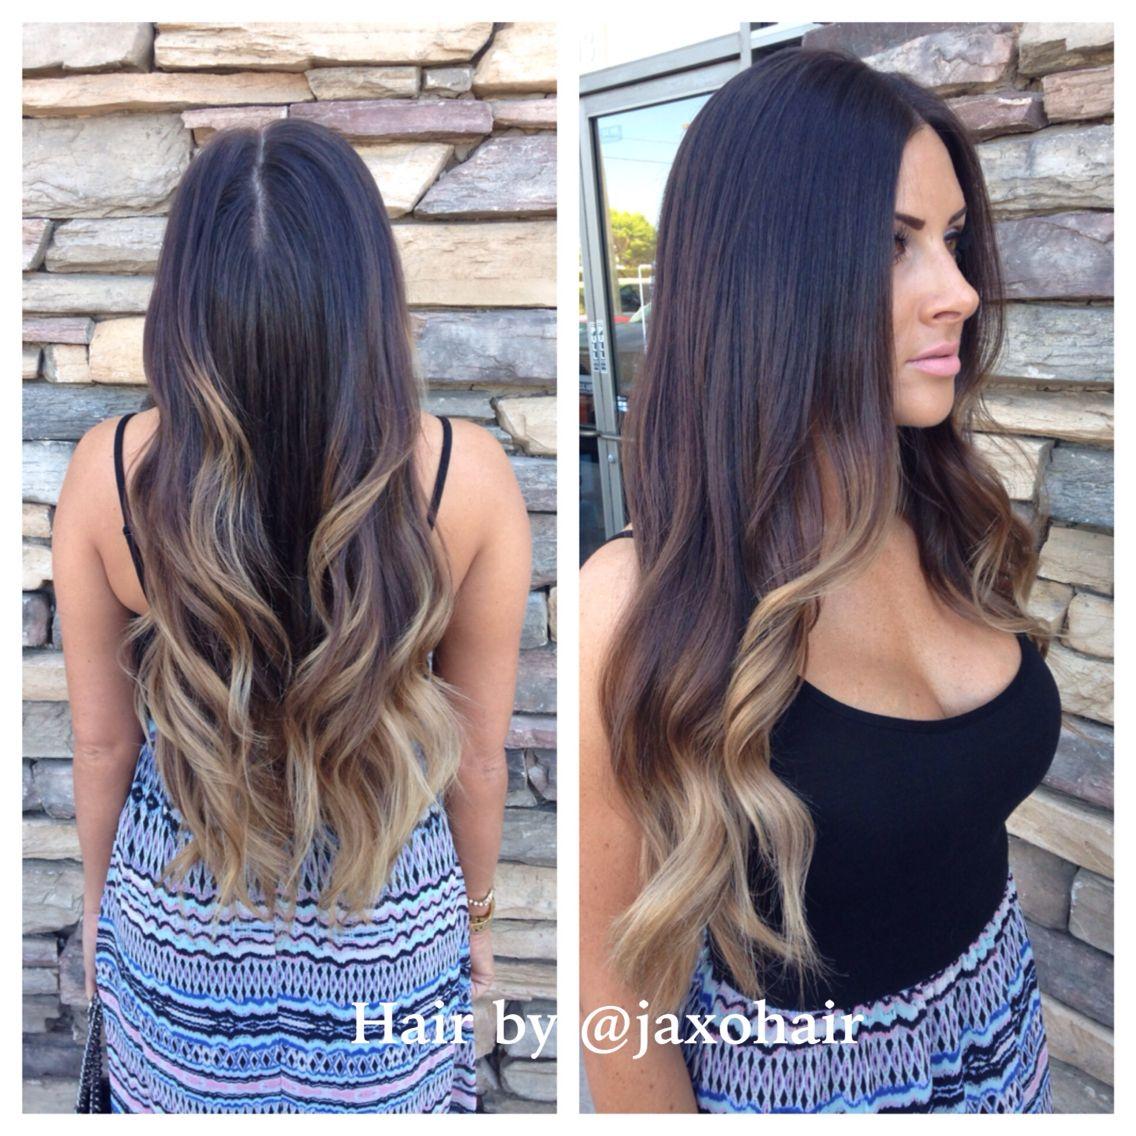 Ombre hair jaxohair highlights cabello pinterest ombre hair